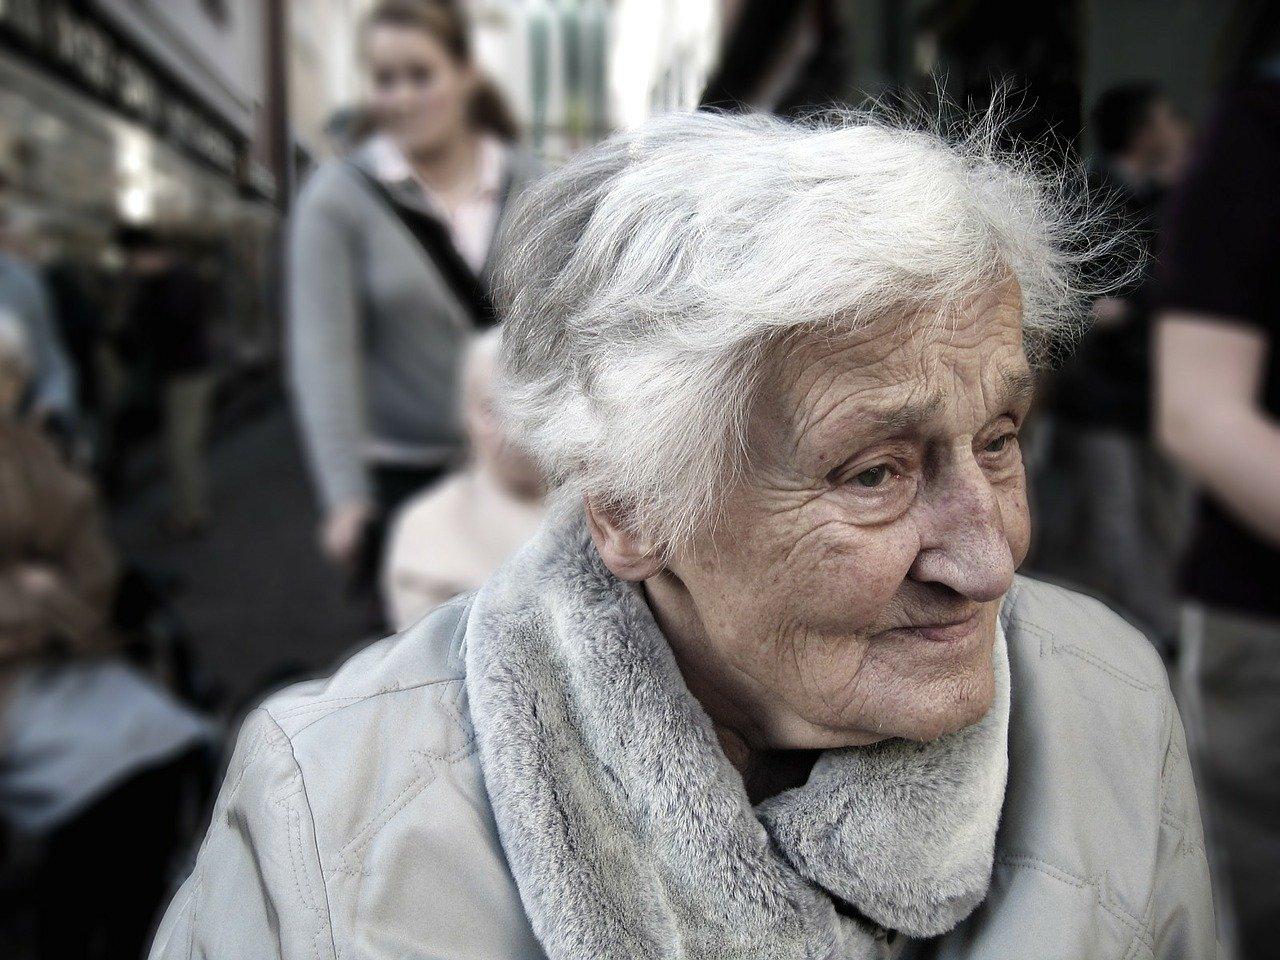 Наибольшему риску подвержены пожилые люди и пациенты с онкологическими заболеваниями